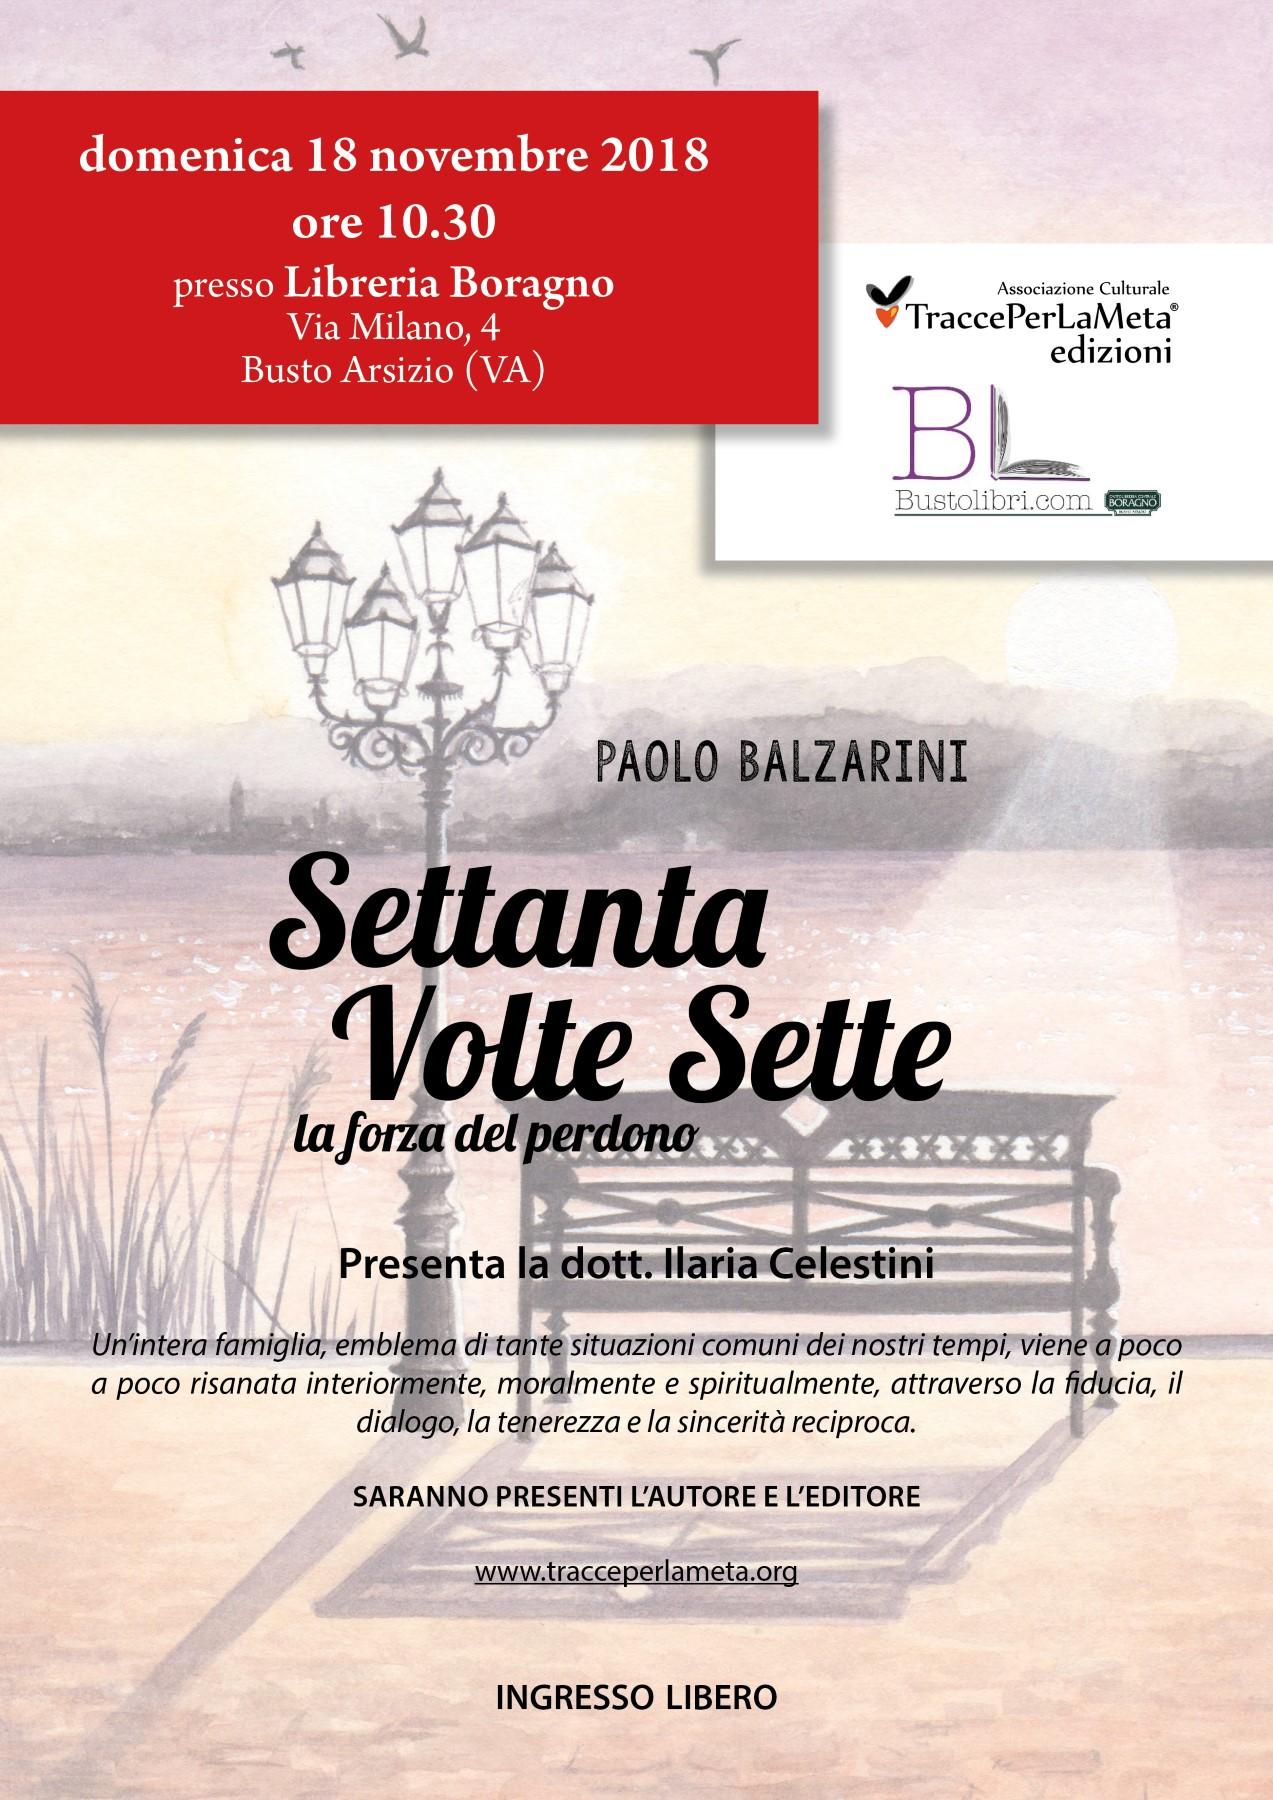 """18.11.2018 Presentazione libro """"Settanta volte sette"""" di Paolo Balzarini"""